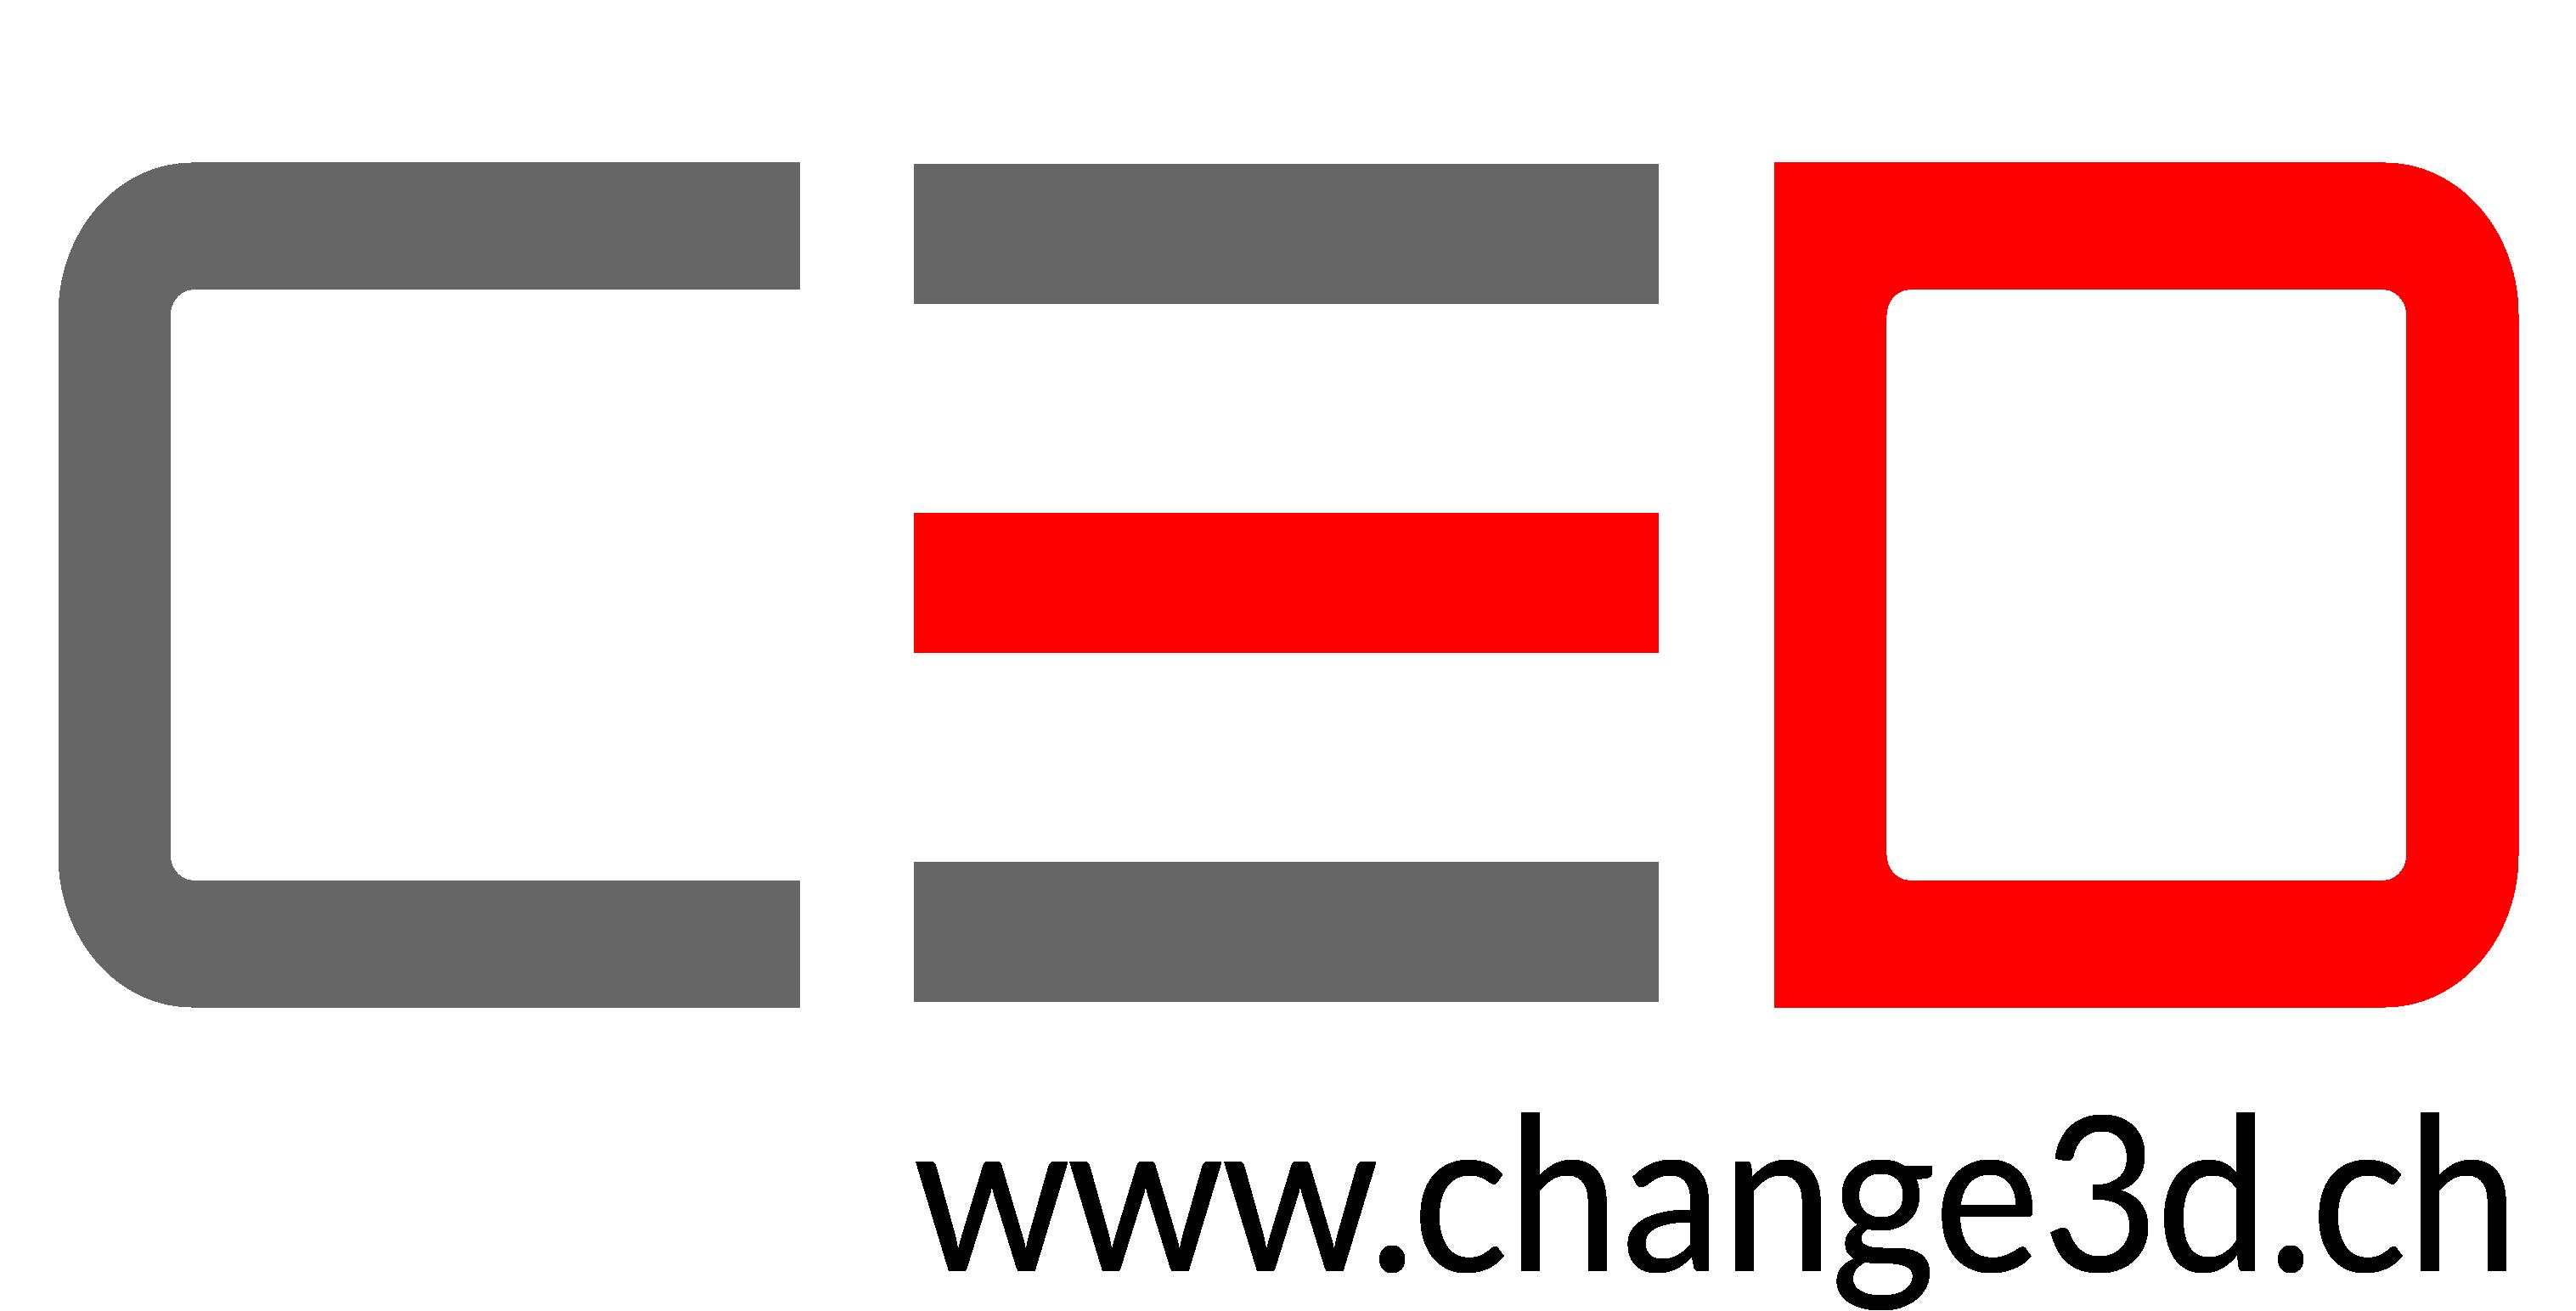 CHANGE3D GmbH